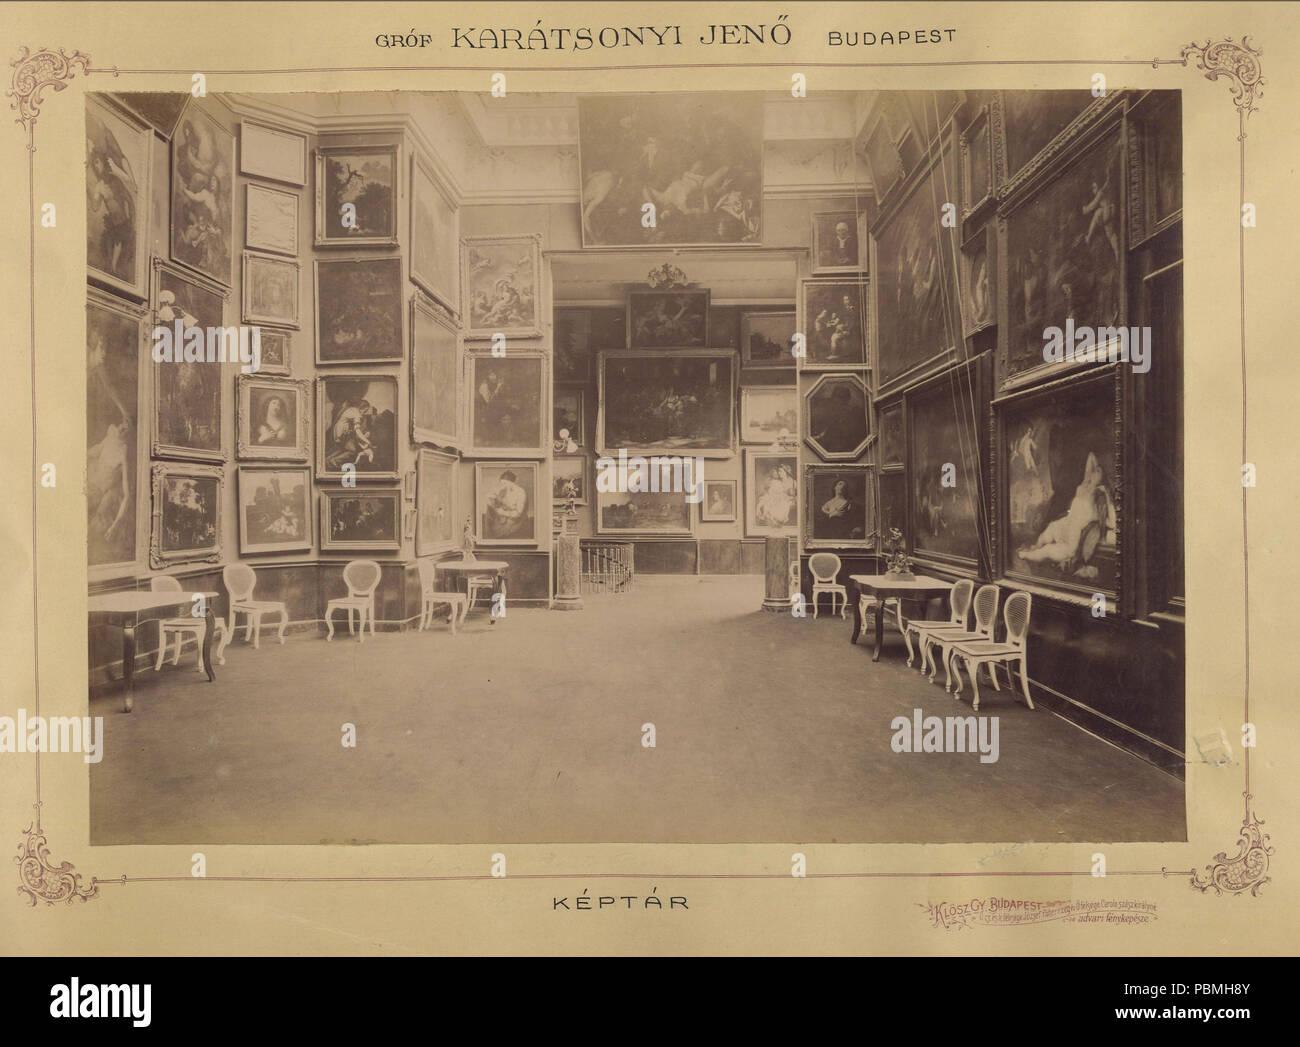 868 Krisztina körút 55., a Karátsonyi-palota (lebontották) képtára. A felvétel 1895-1899 között készült. A kép Fortepan - Budapest Főváros Levéltára. Levéltári jelzet- HU.BFL.XV.19.d.1.11.073 Fortepan 83165 - Stock Image